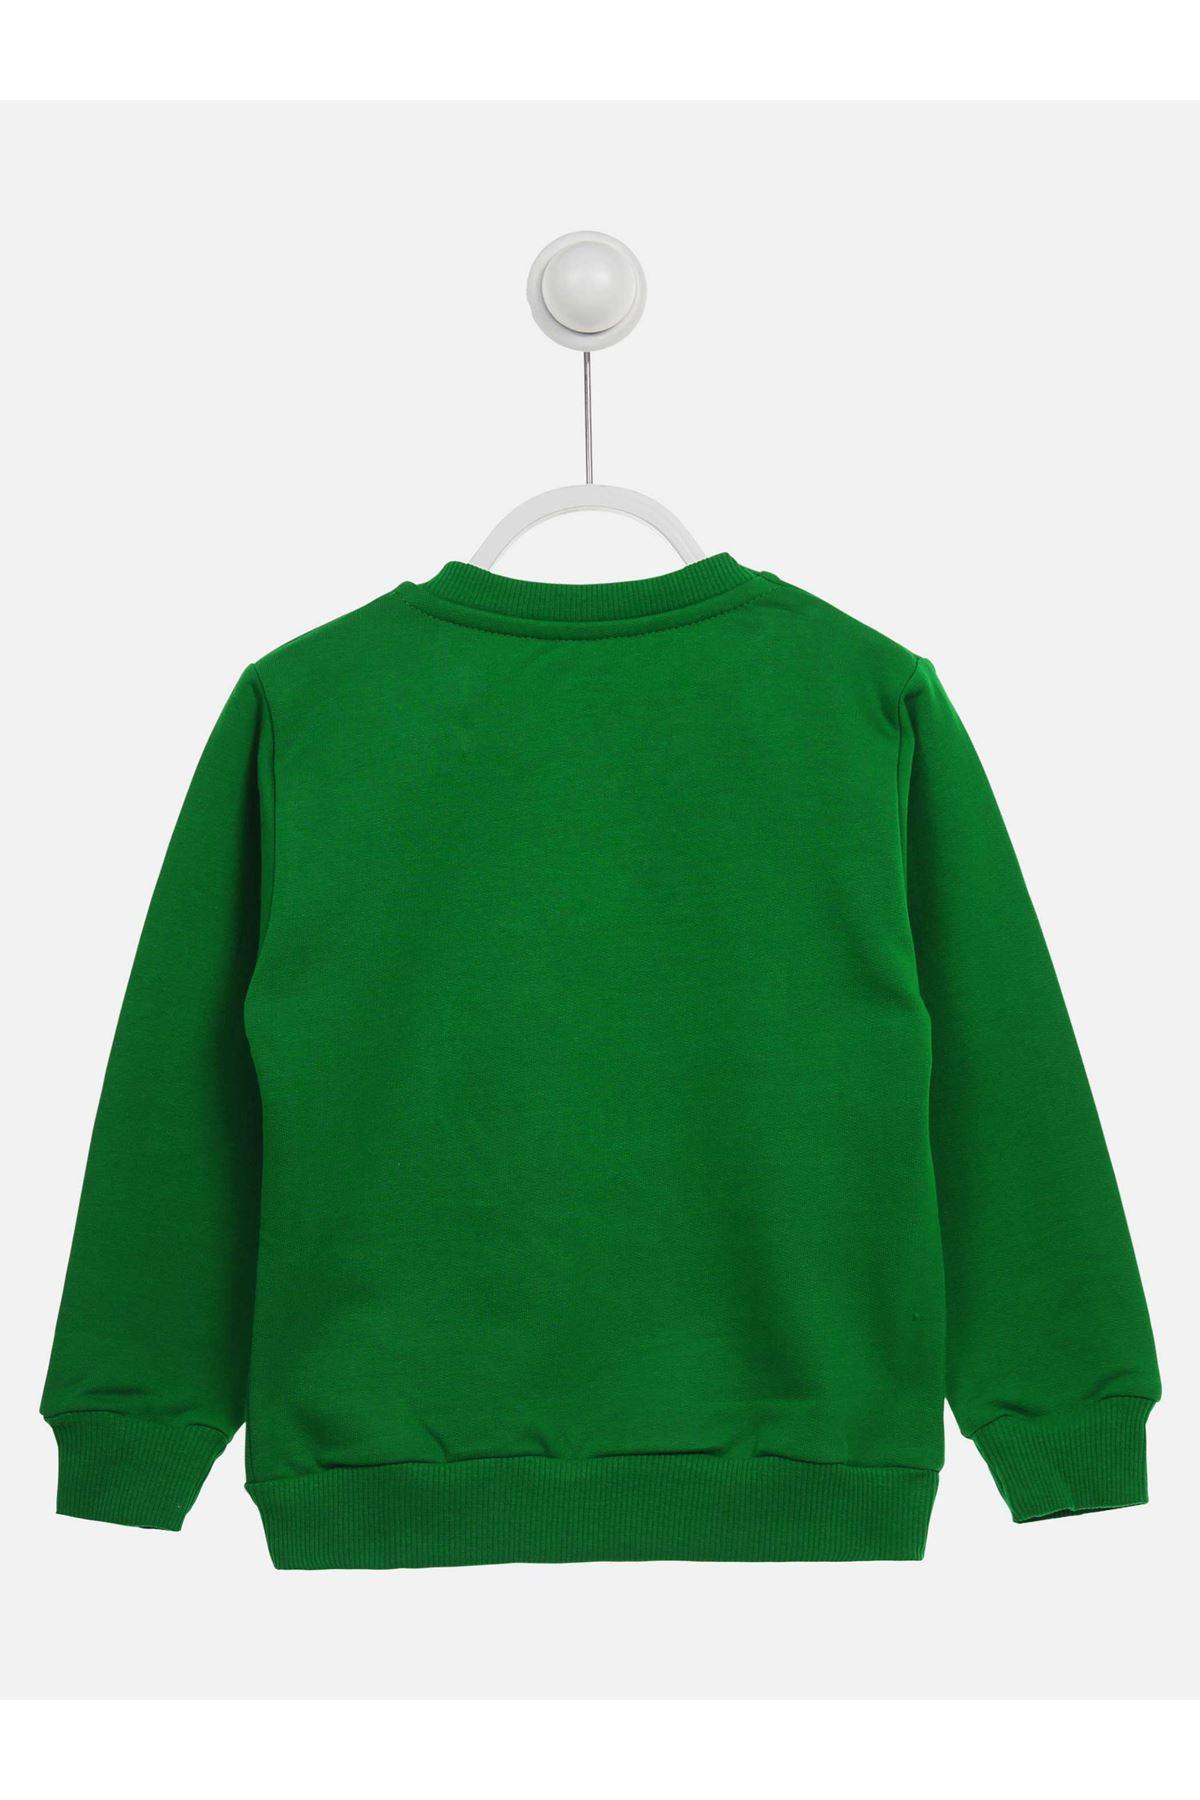 Yeşil Mevsimlik Erkek Çocuk Sweatshirt